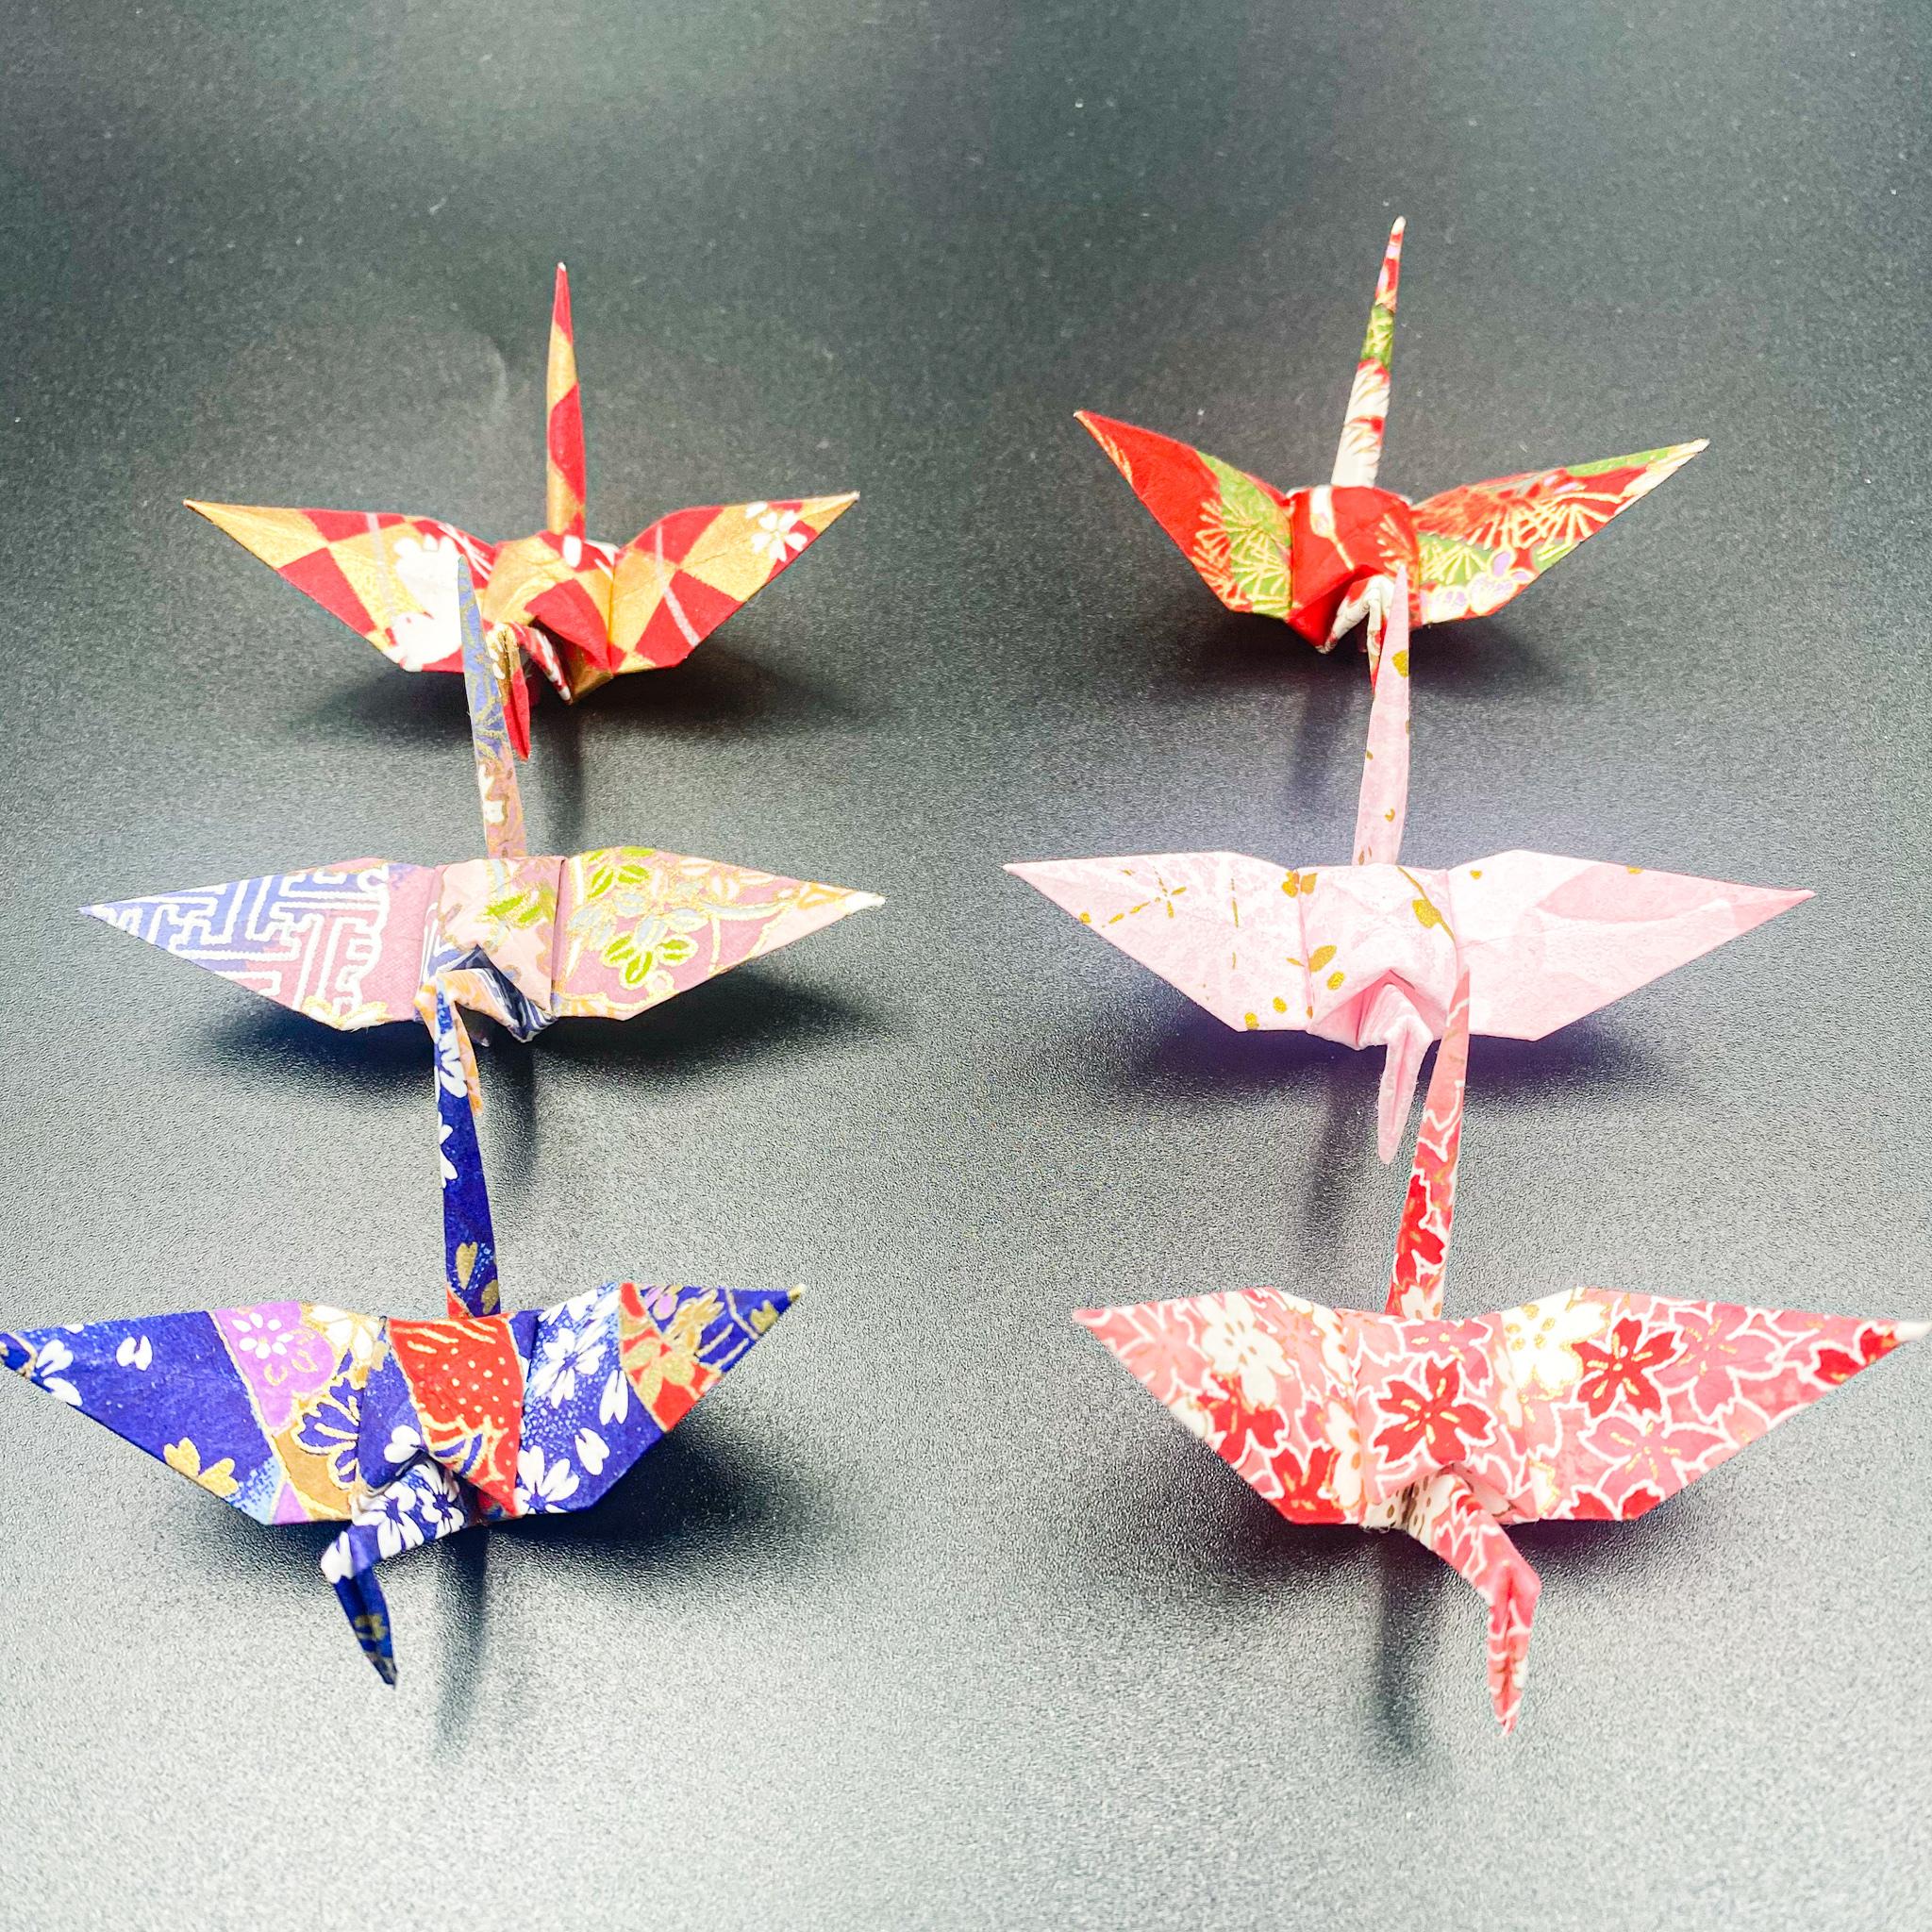 【受注制作】手染め和紙の折り鶴「はじまり」(神前式、和装婚折り鶴シャワー演出・和風撮影小物)160羽入り